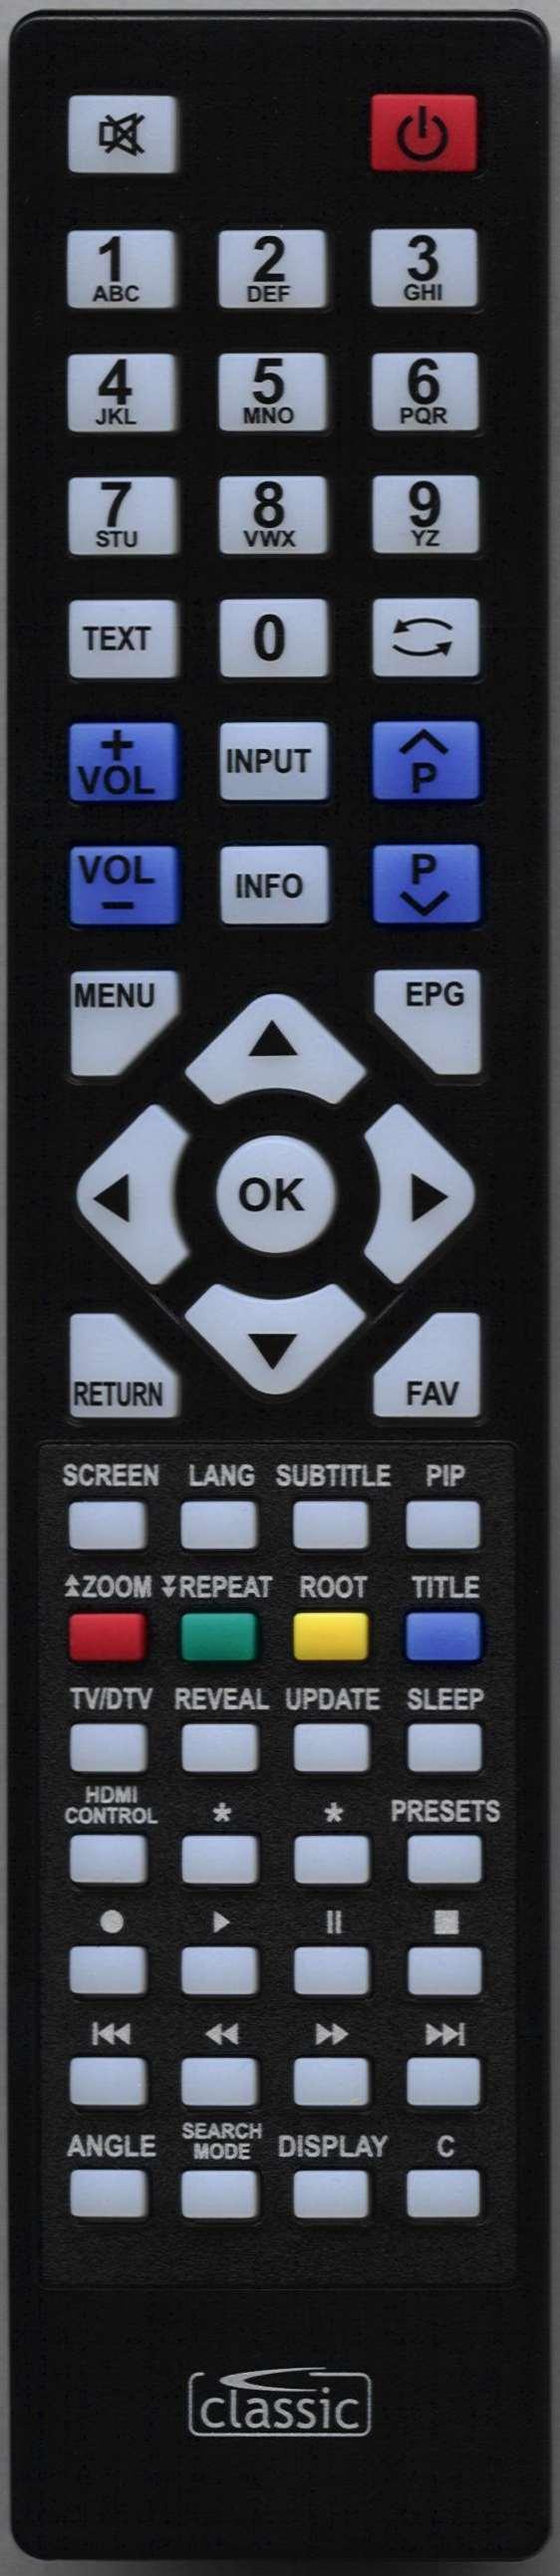 LUXOR LUX32860IDTV Remote Control